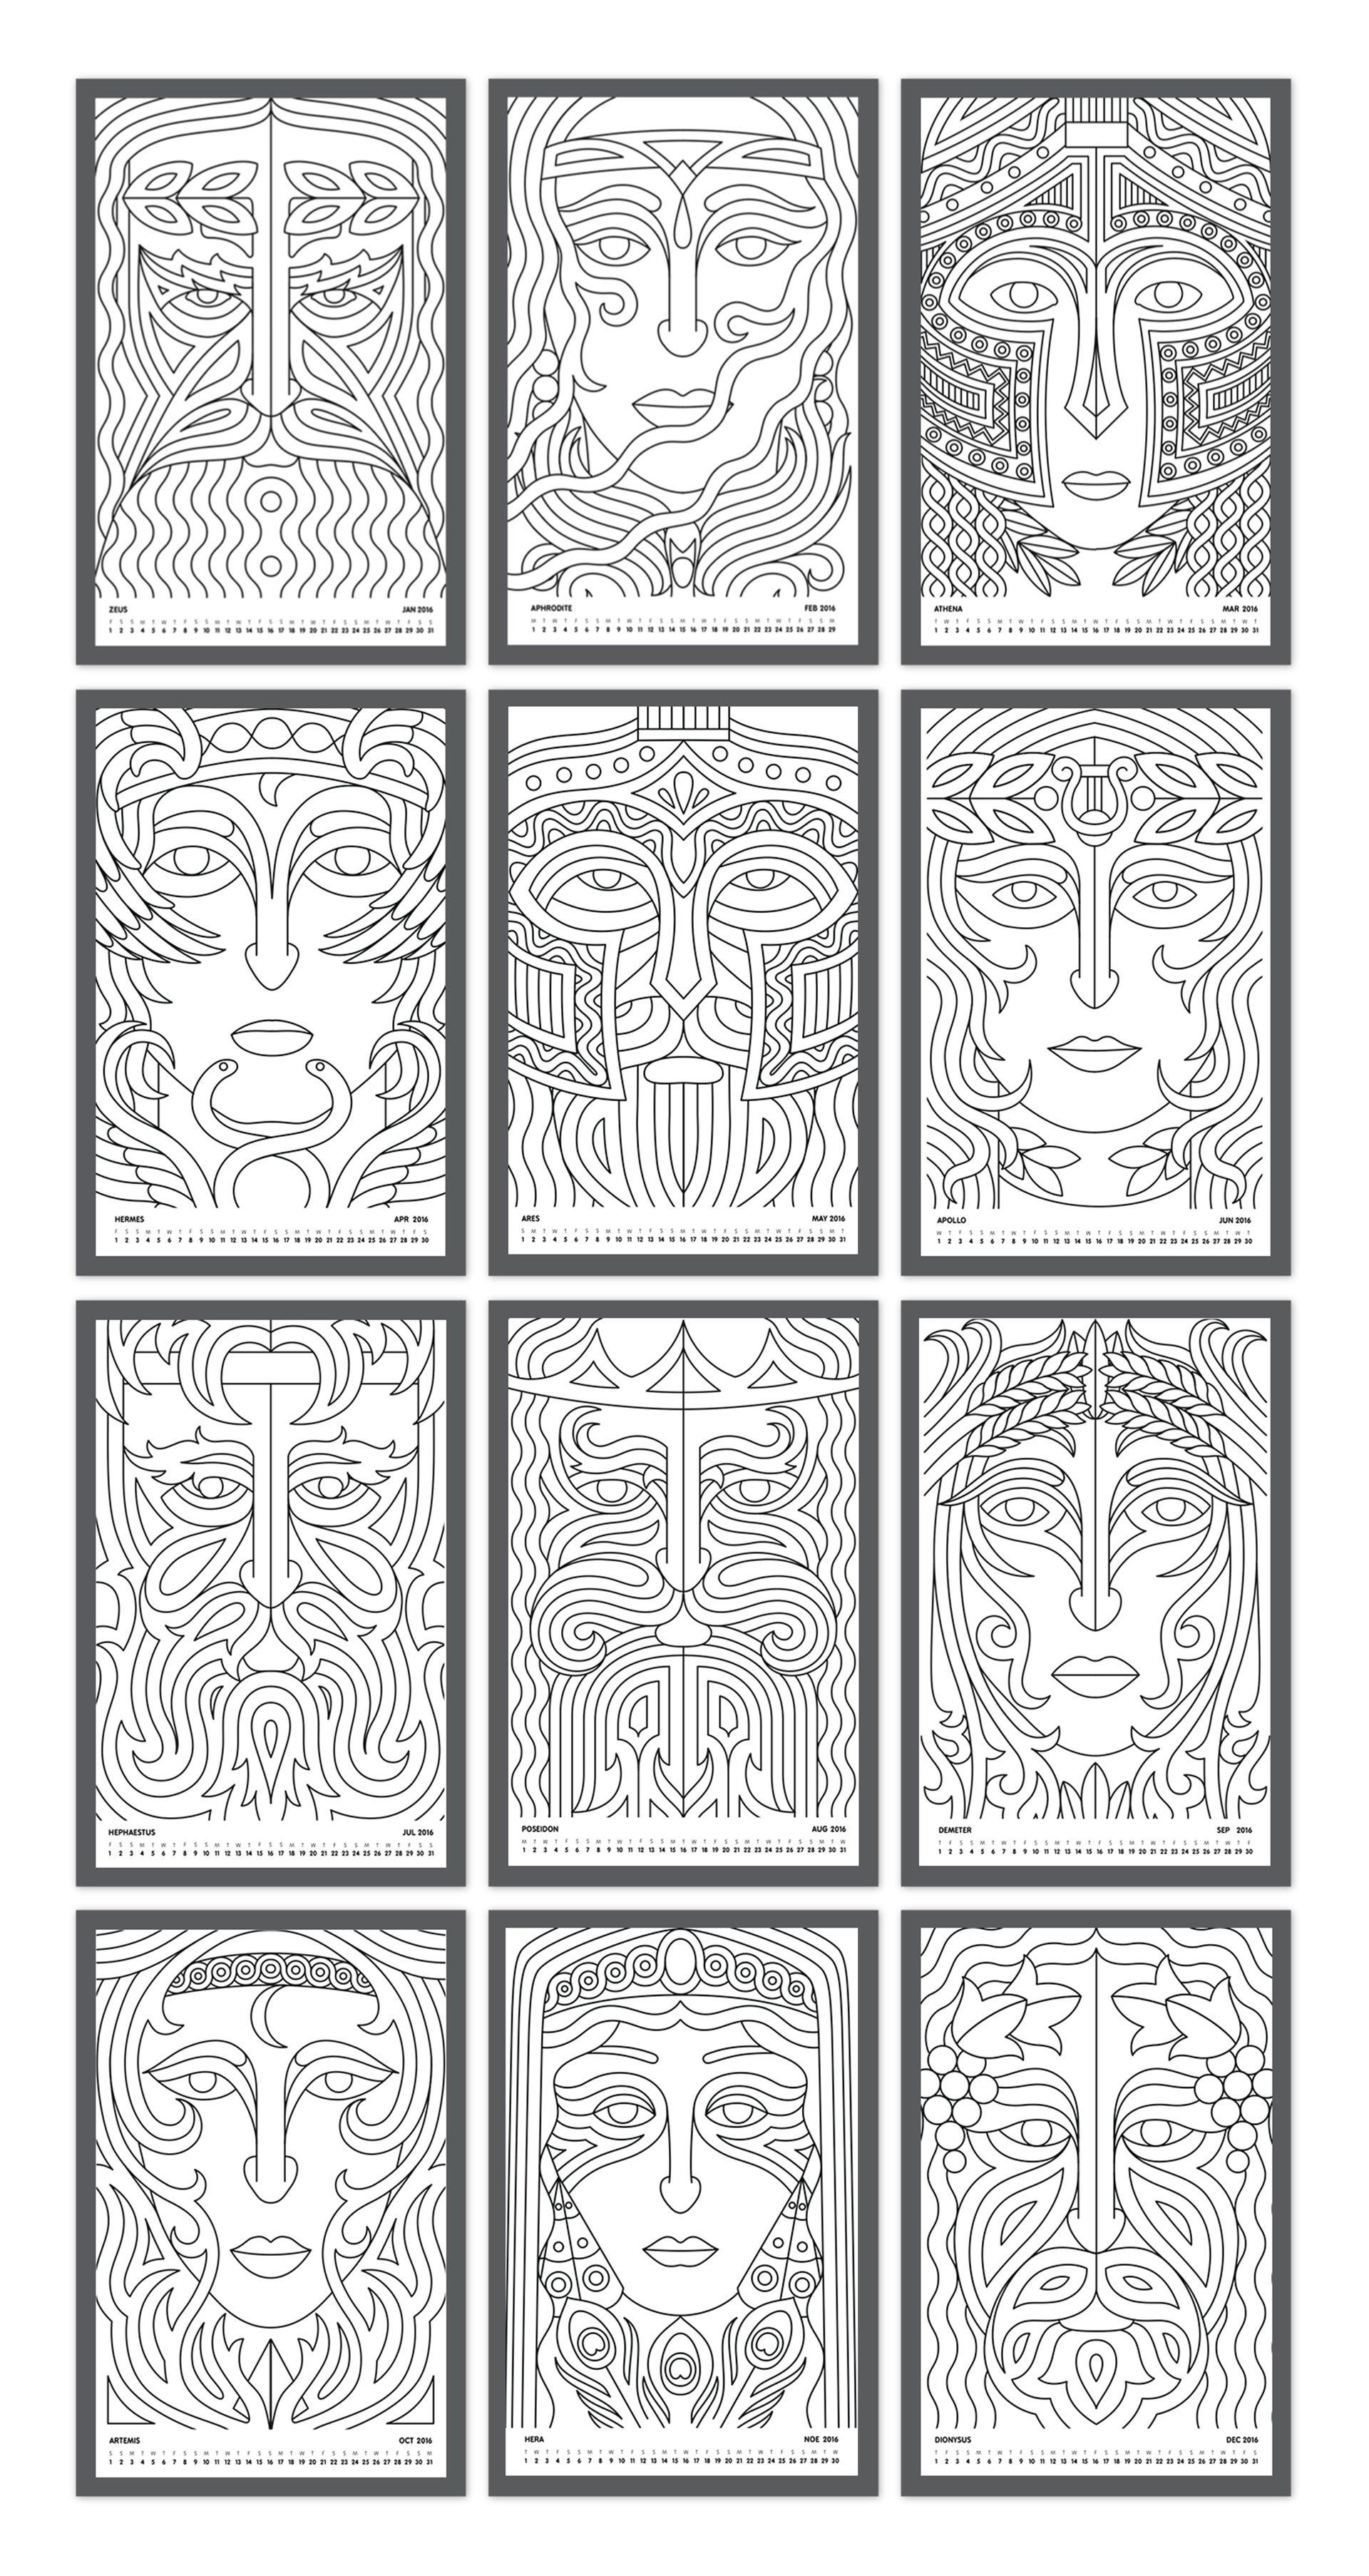 designpark_coloring_calendar_greek_gods_outline